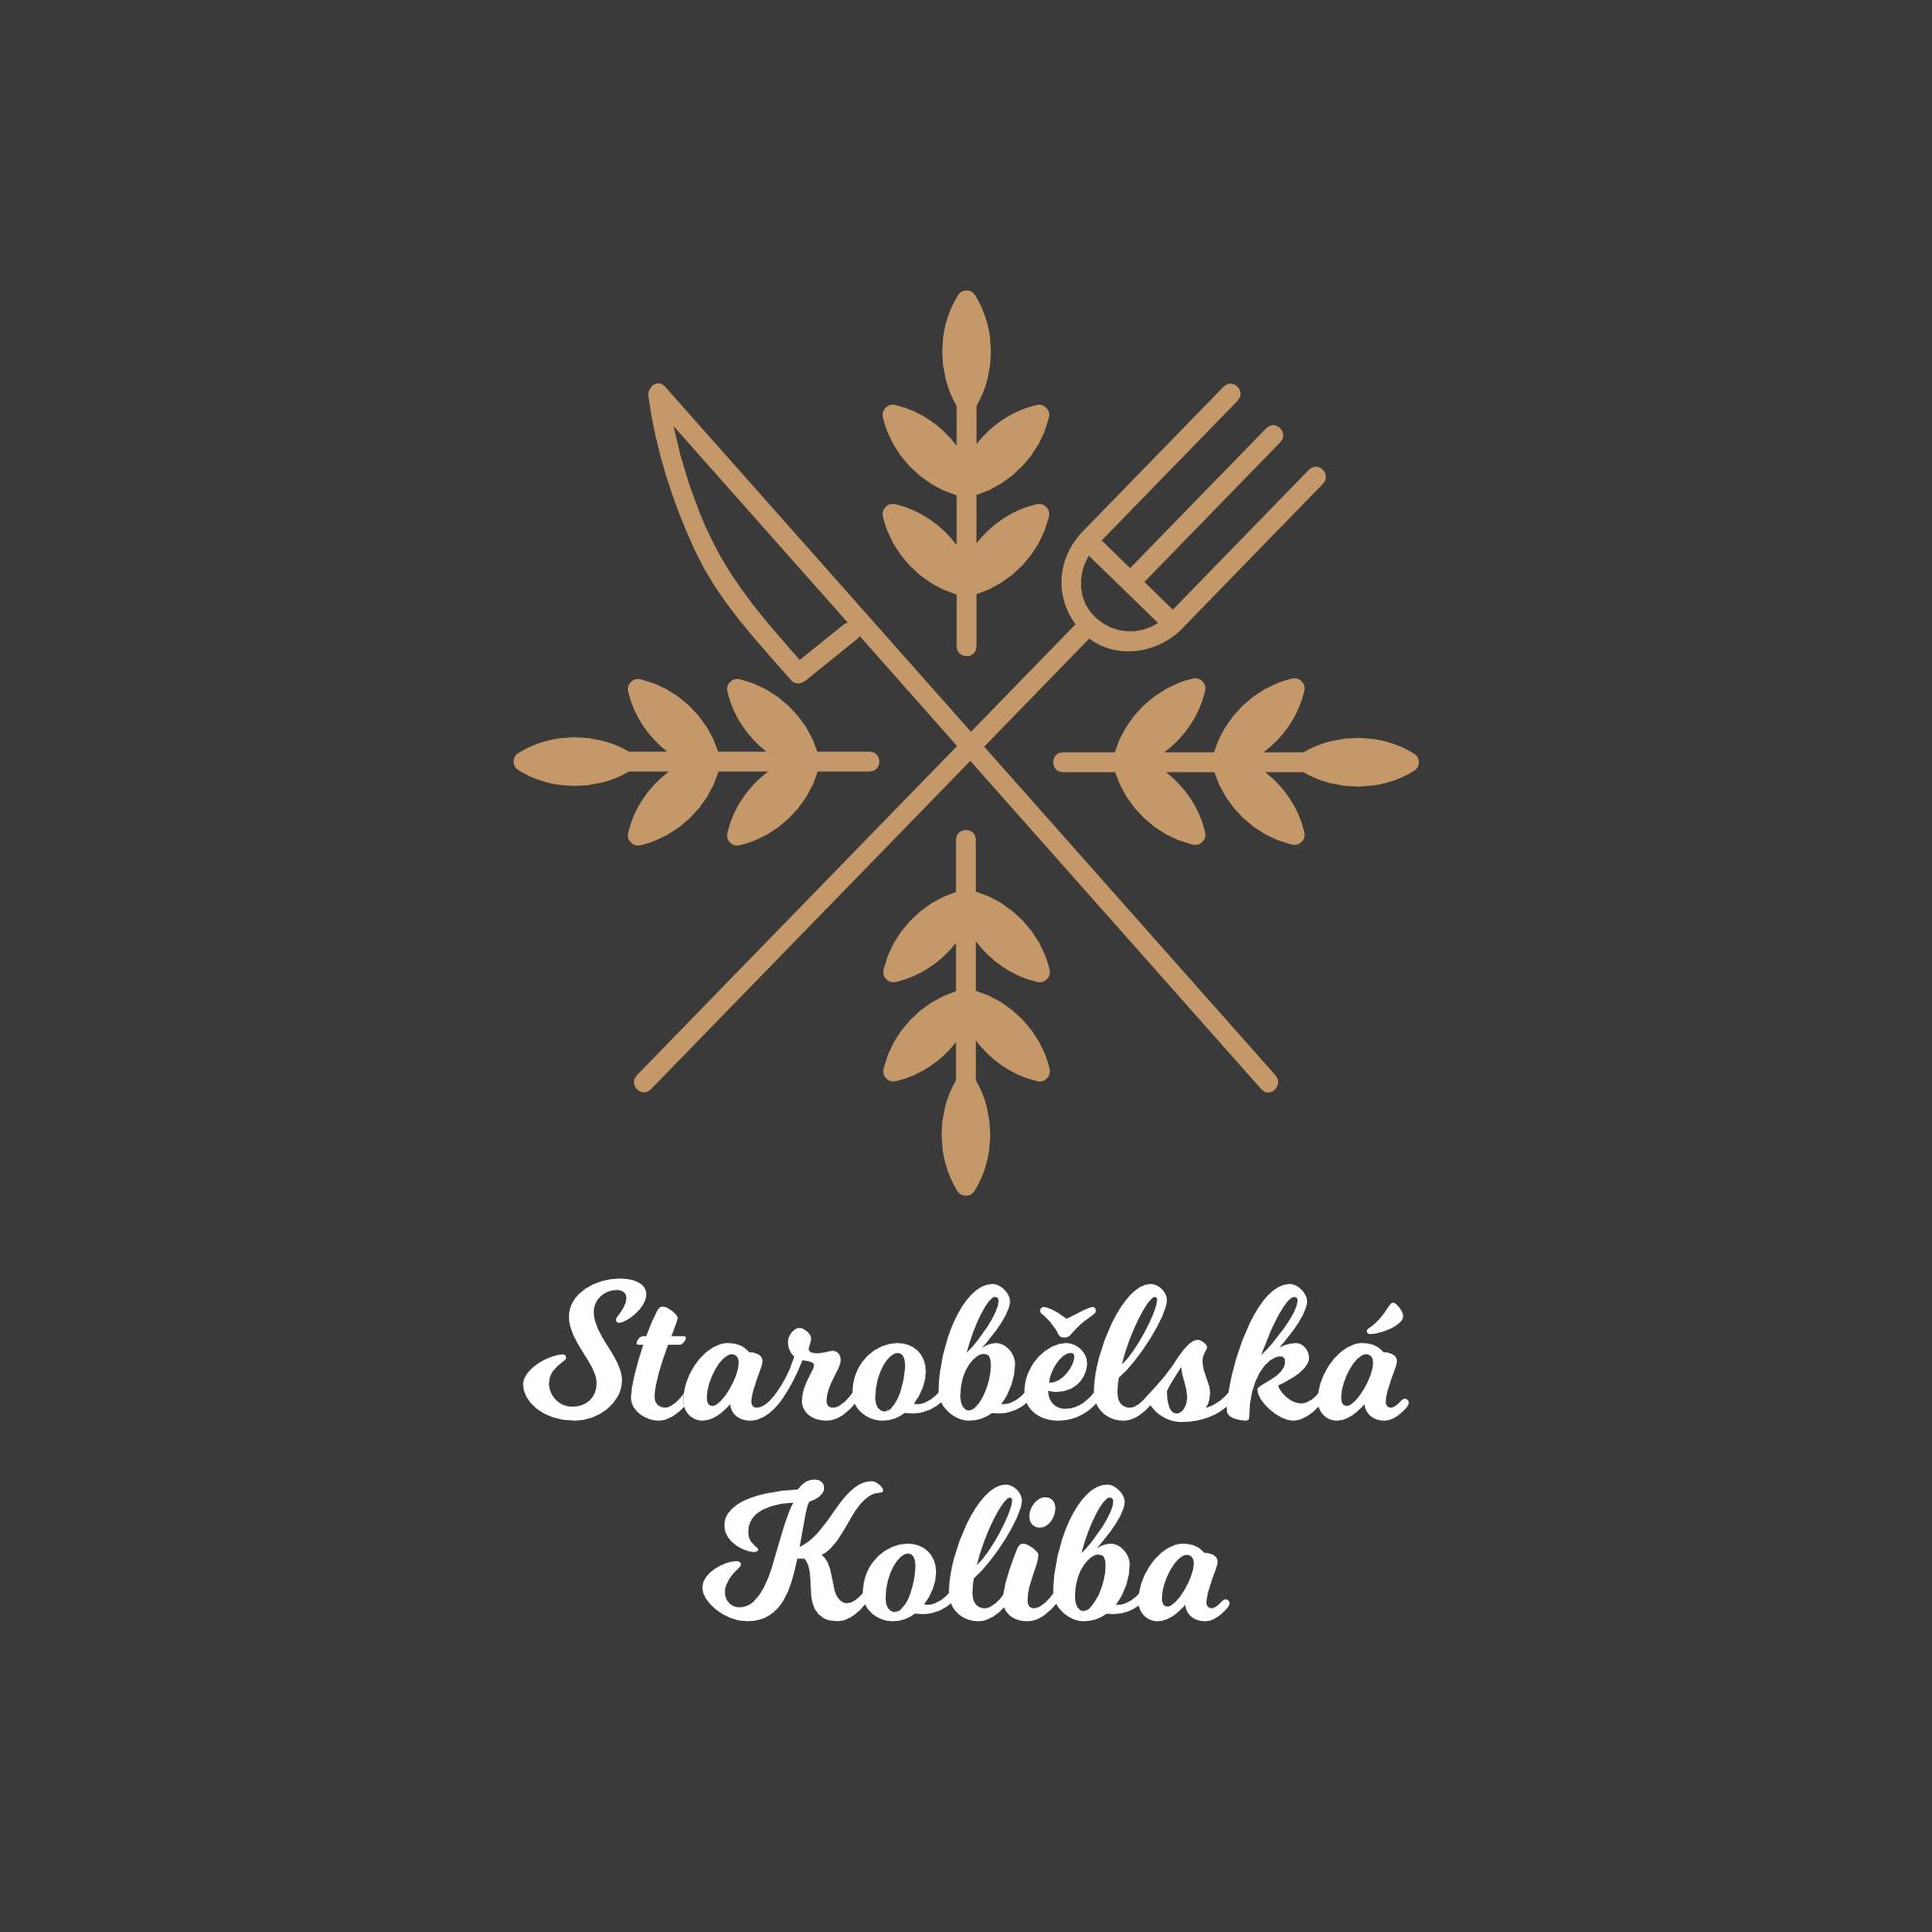 sbkoliba-logo-dark